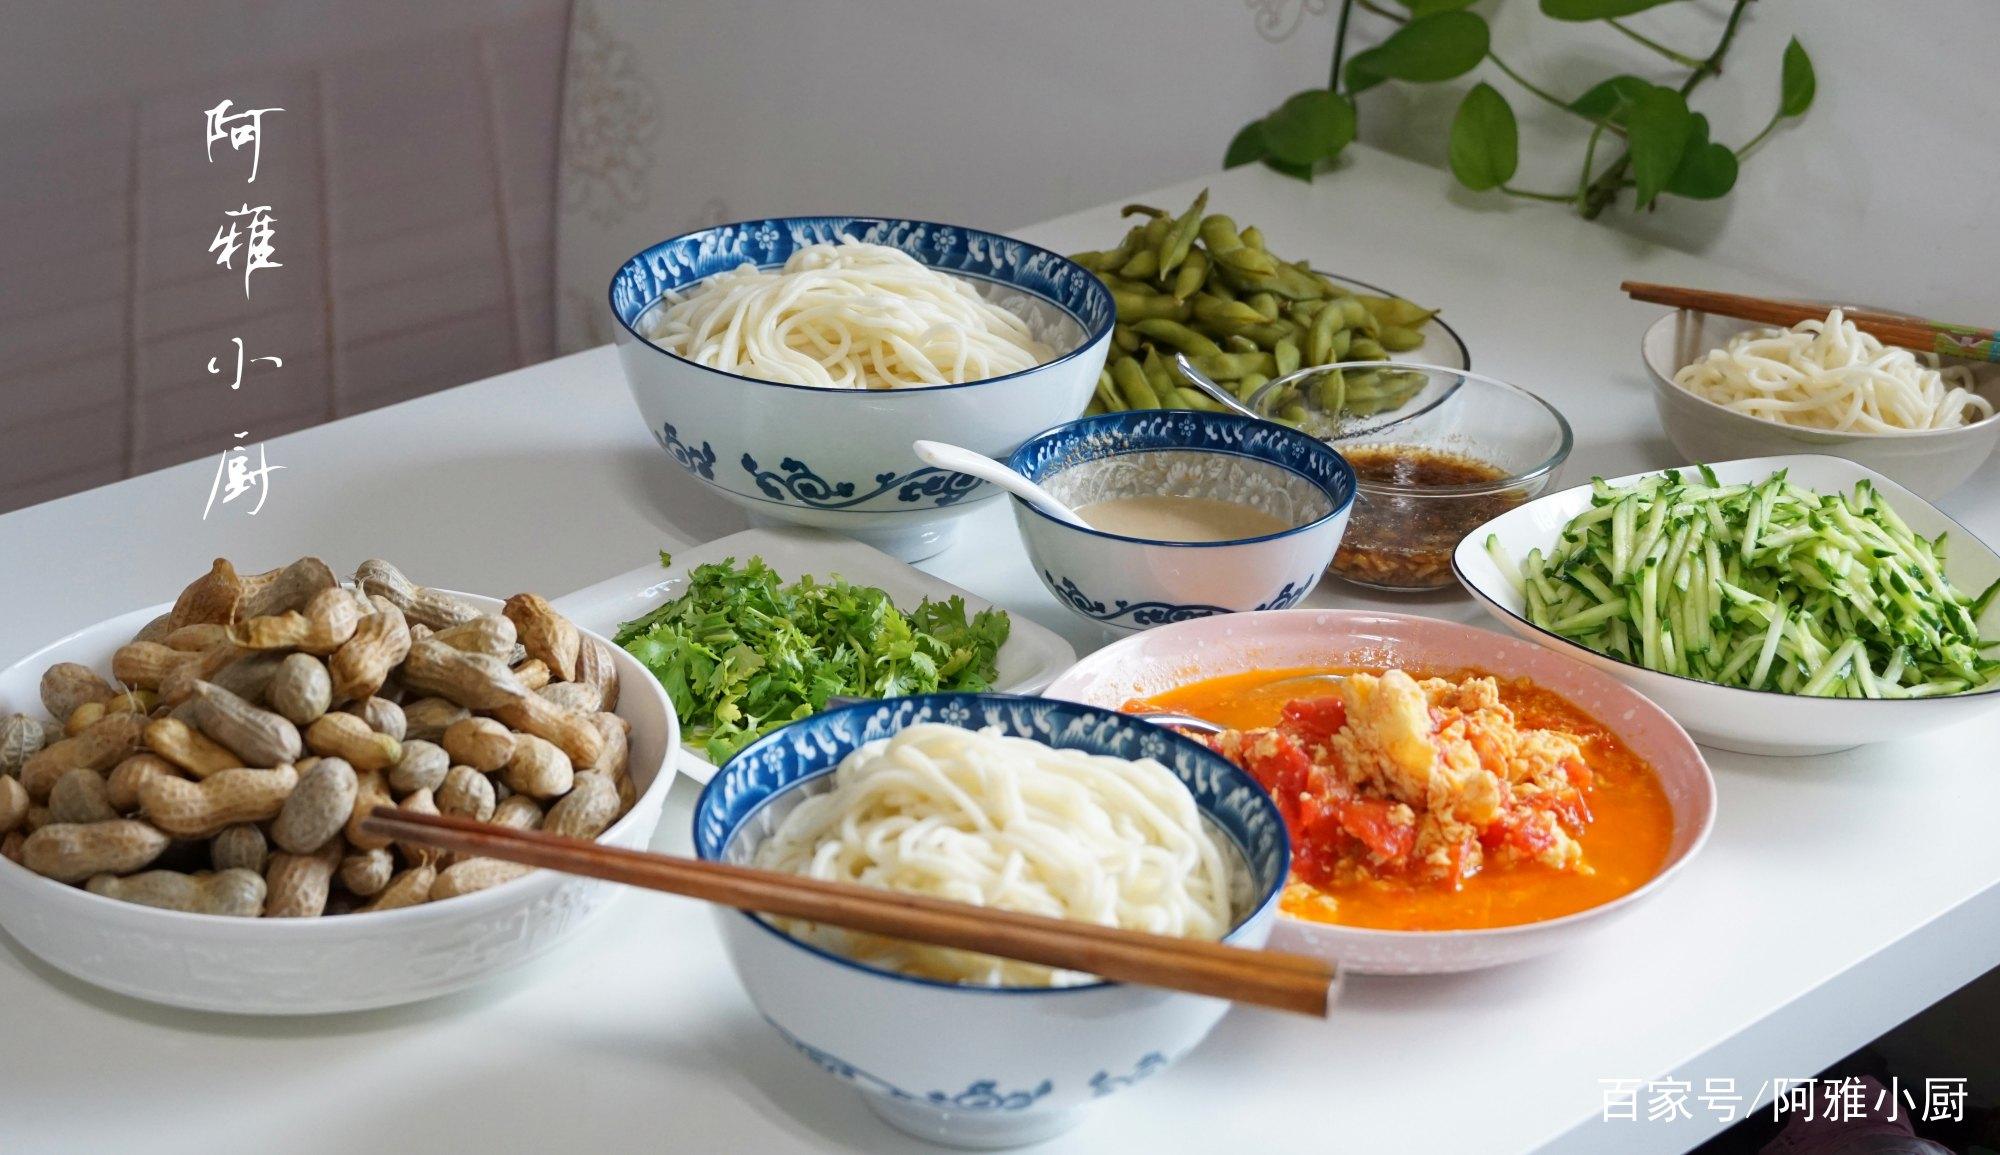 晒晒我家午餐,西红柿鸡蛋打卤面,网友:原来北方人这样吃面条!